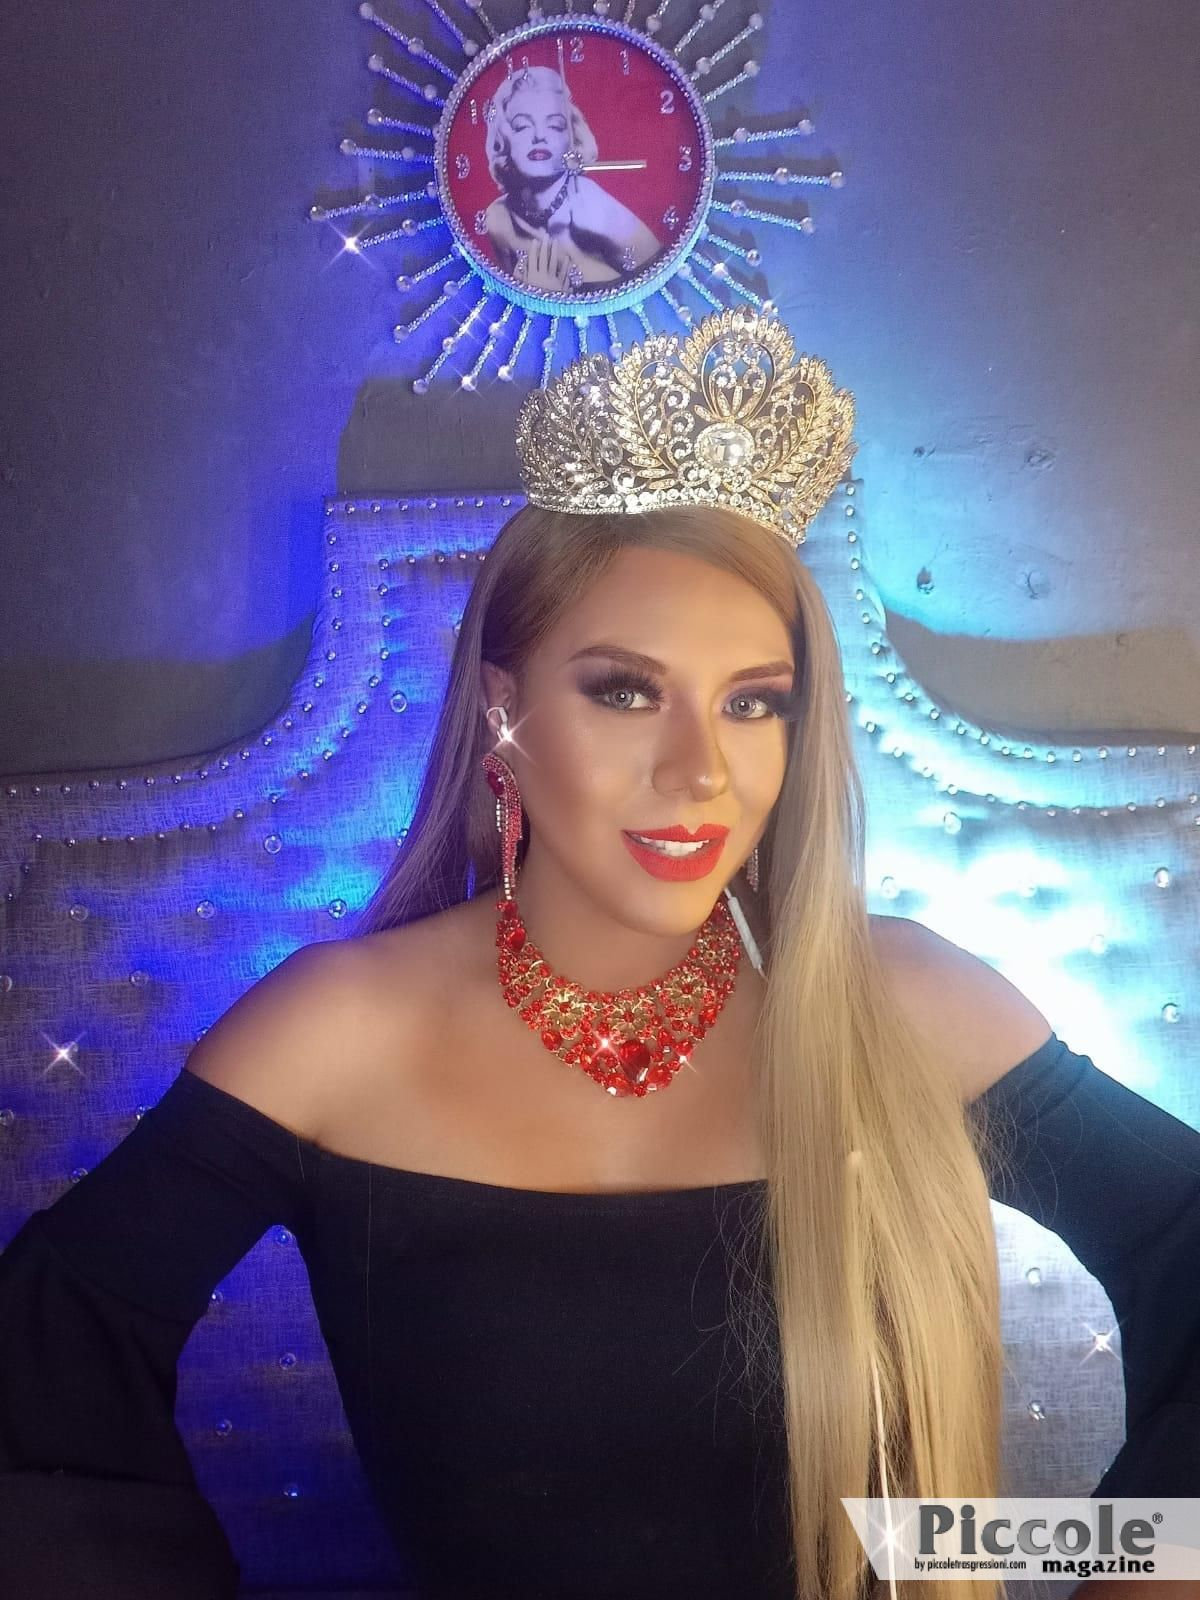 Intervista a Samantha Braxton, Miss Earth Aria 2021